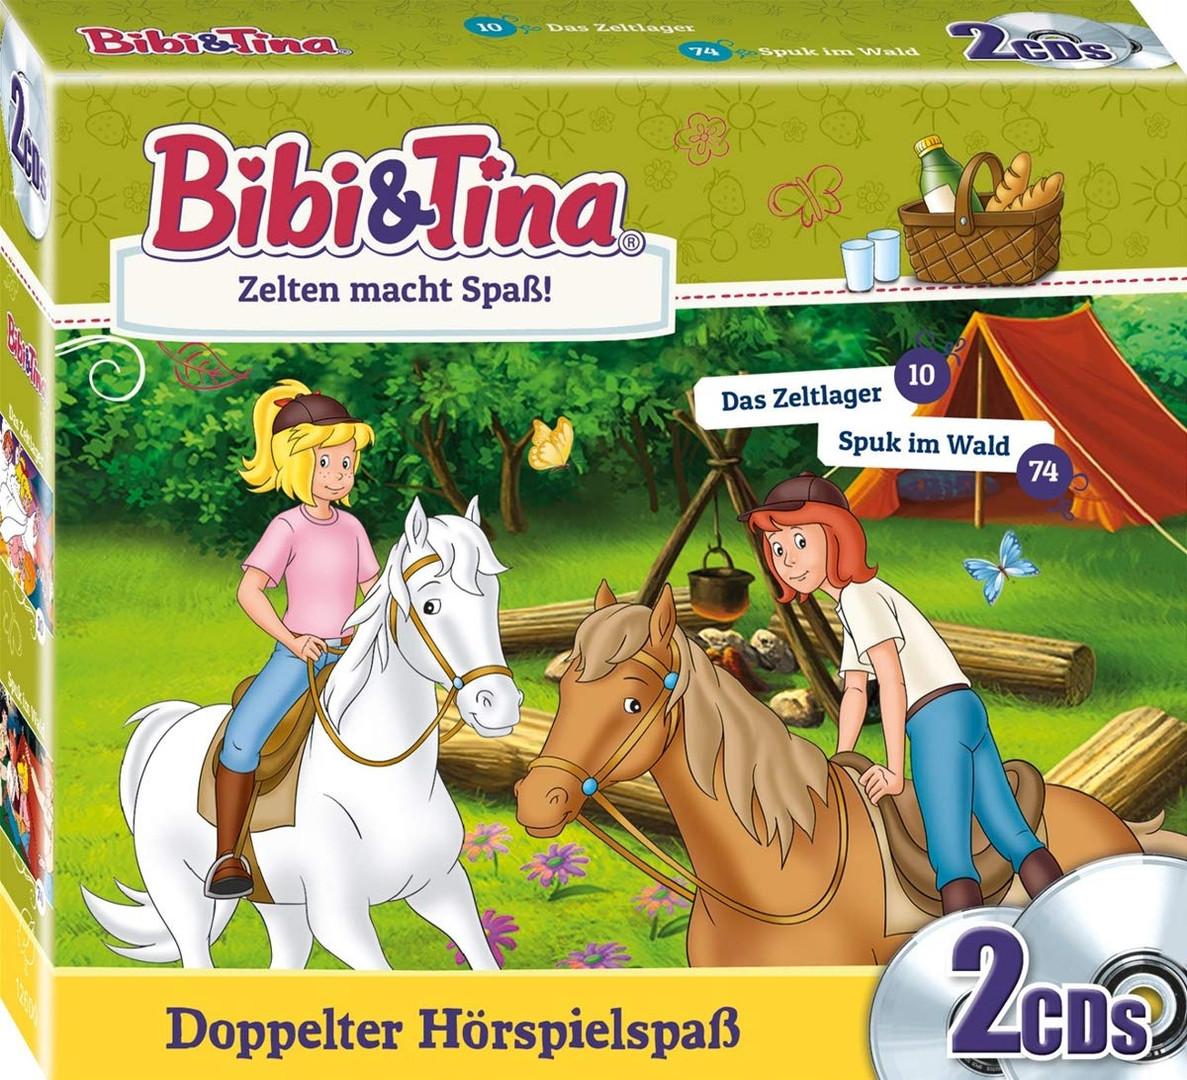 bibi und tina - zelten macht spaß (2 cds) | pop.de